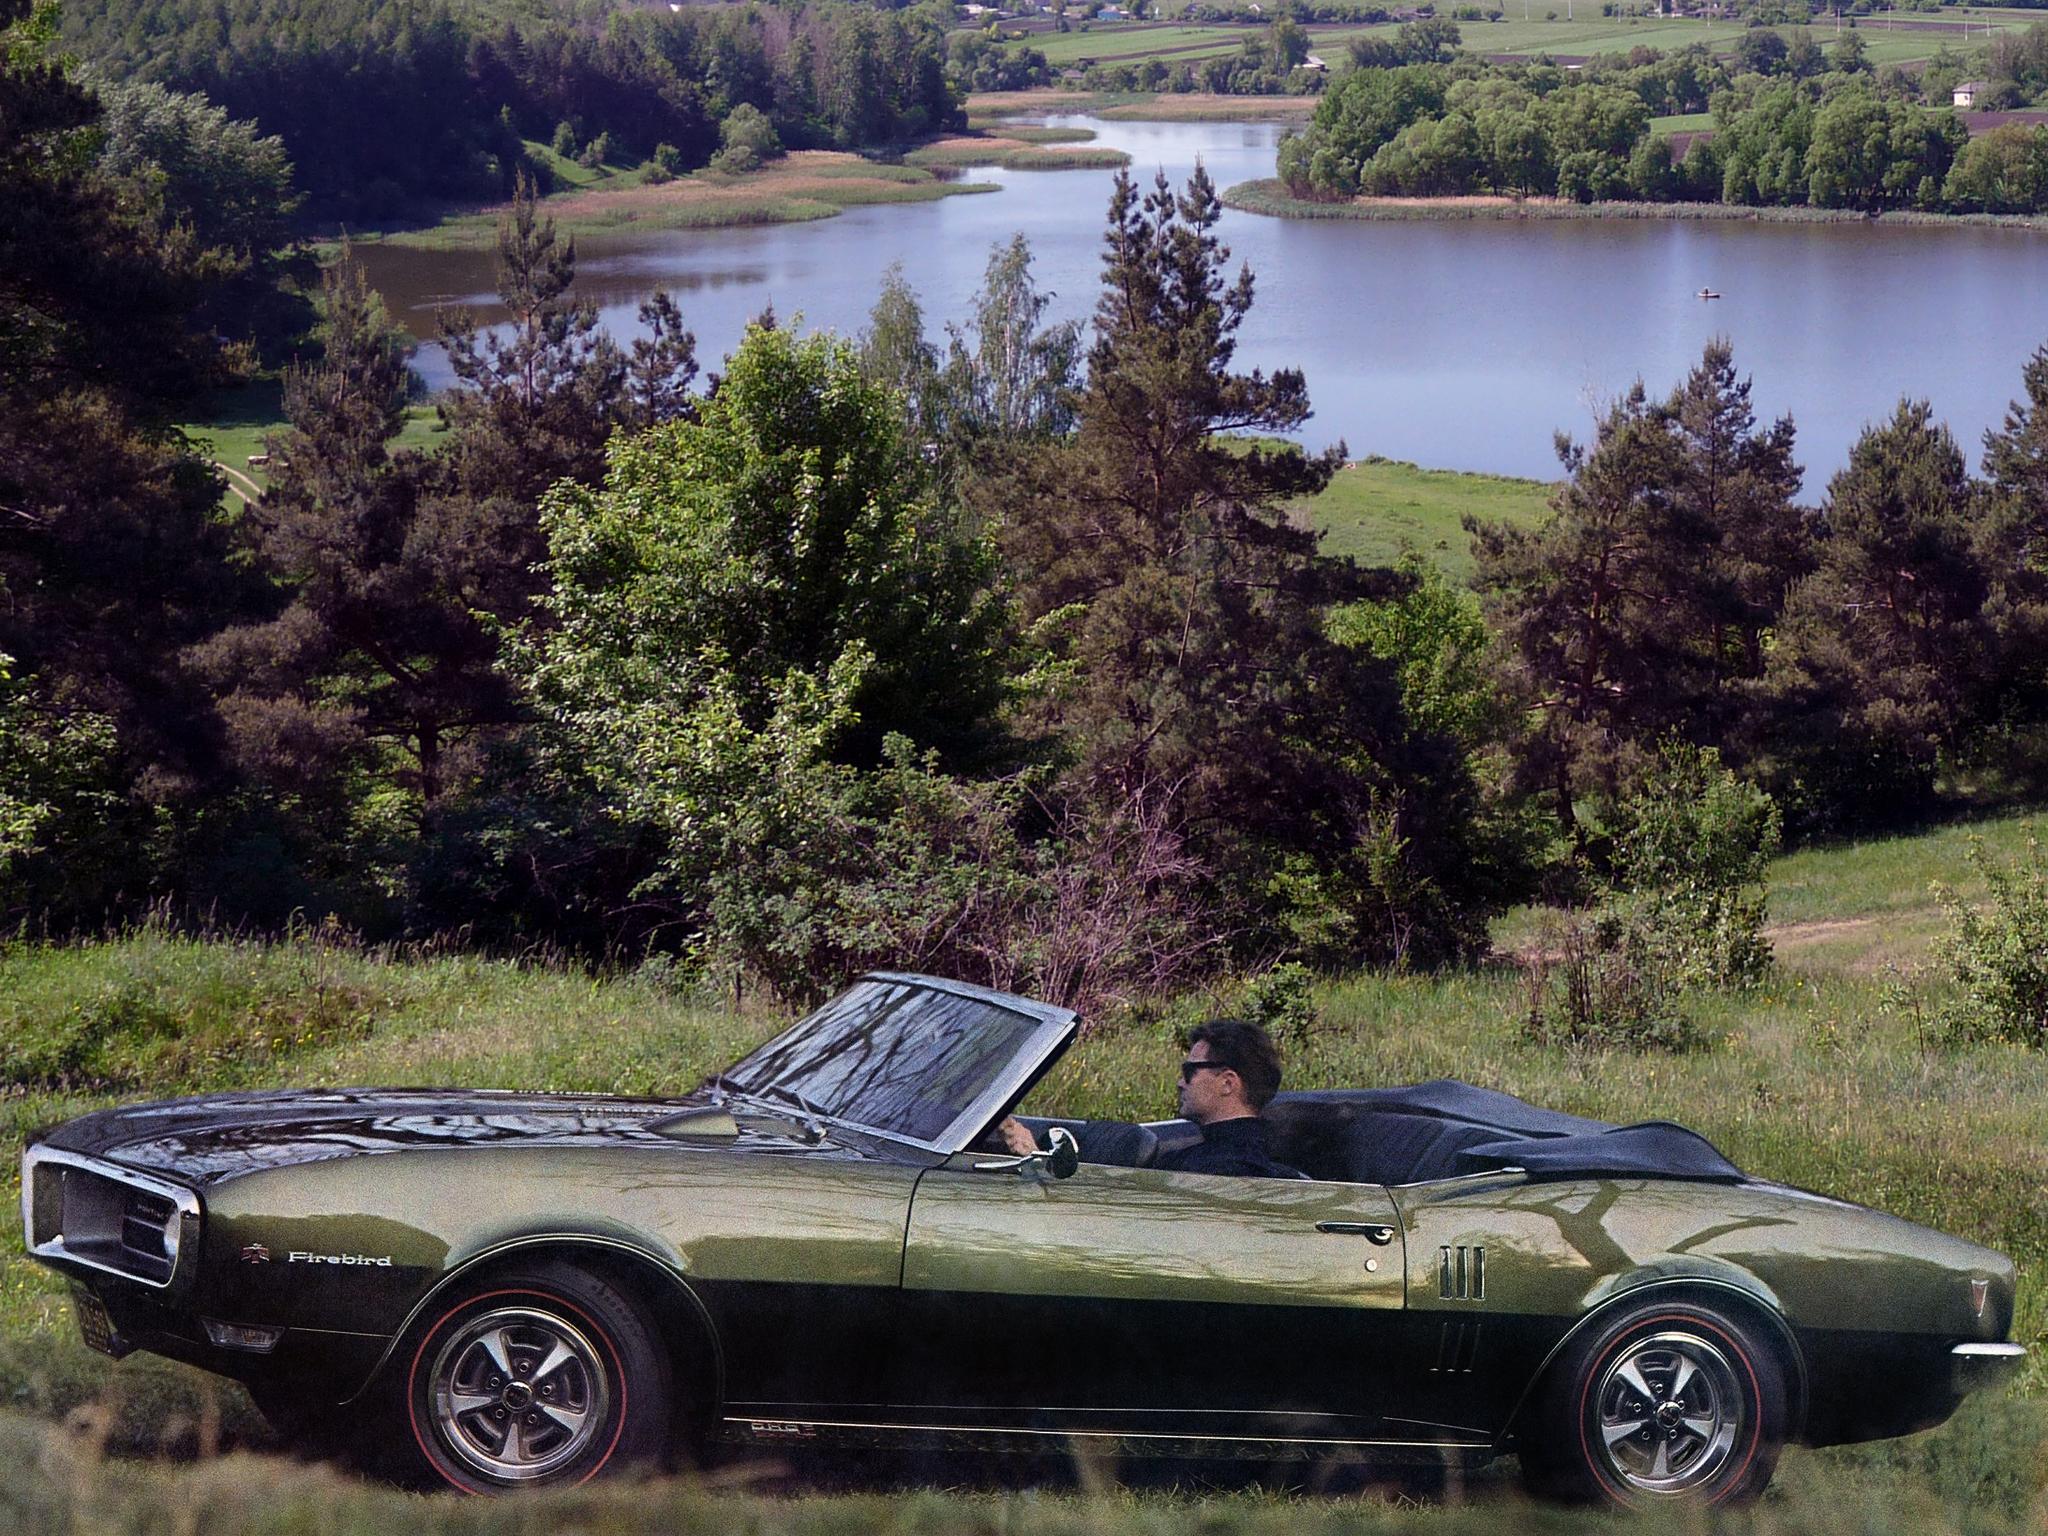 1968 Pontiac Firebird Sprint Convertible 2367 muscle classic wallpaper 2048x1536